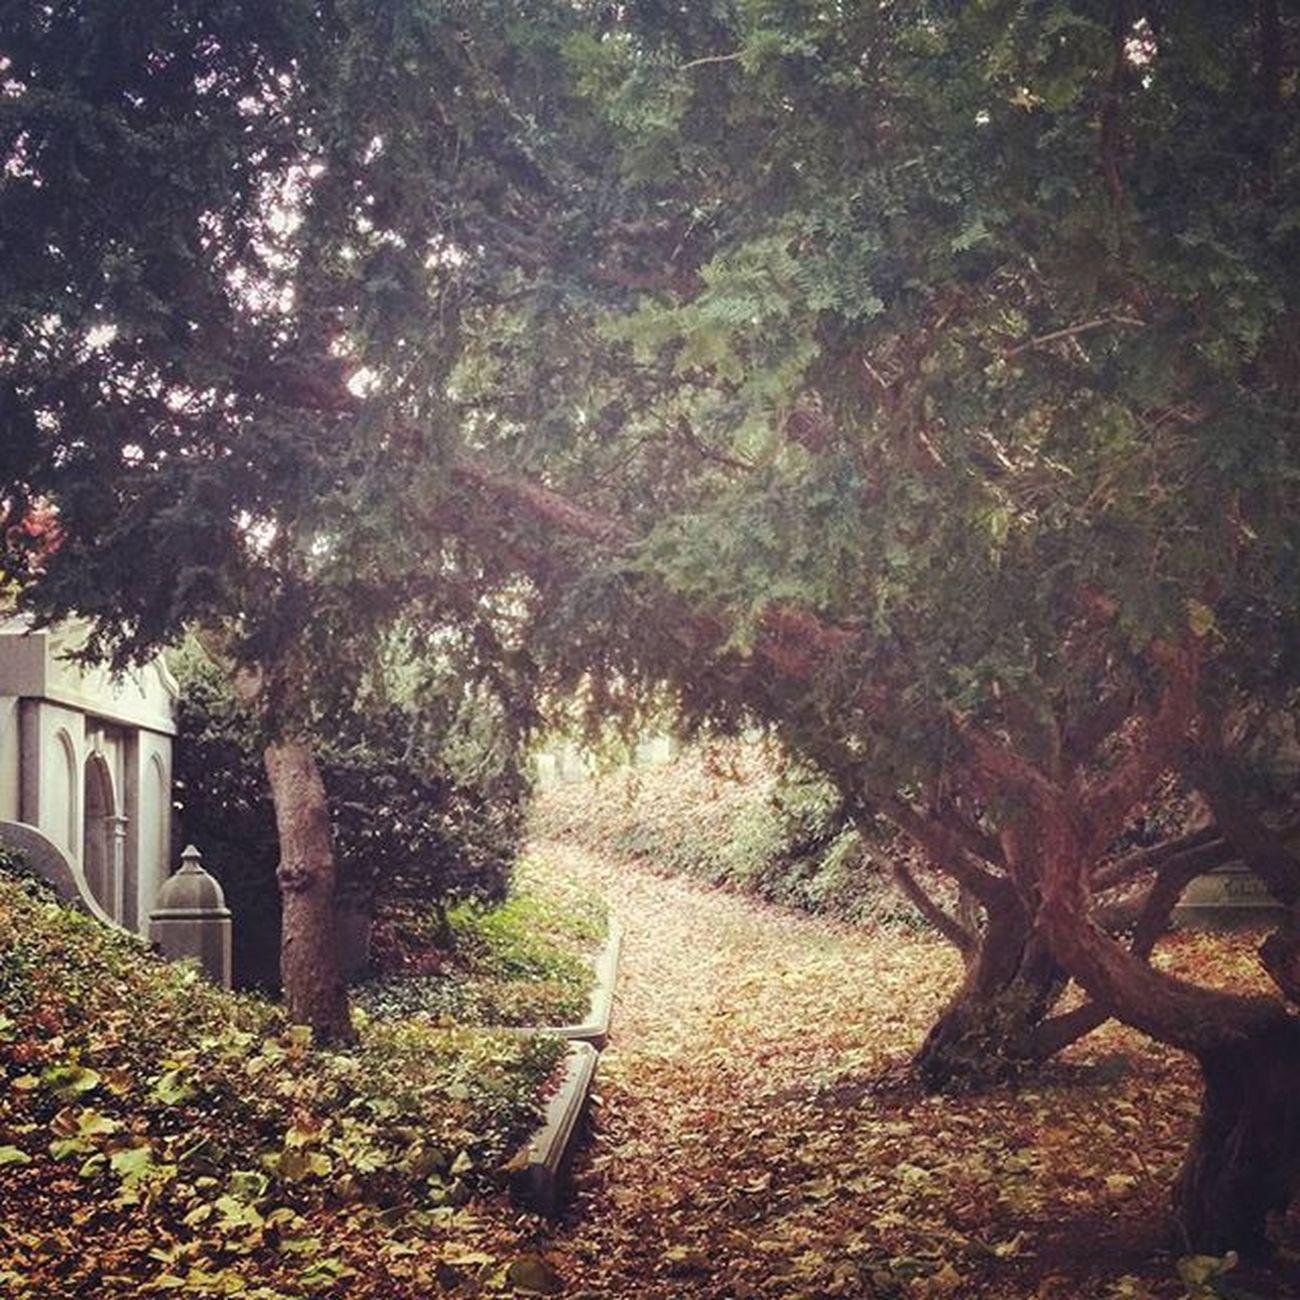 Mountauburncemetery Cemetery Ohsoquiet Autumn